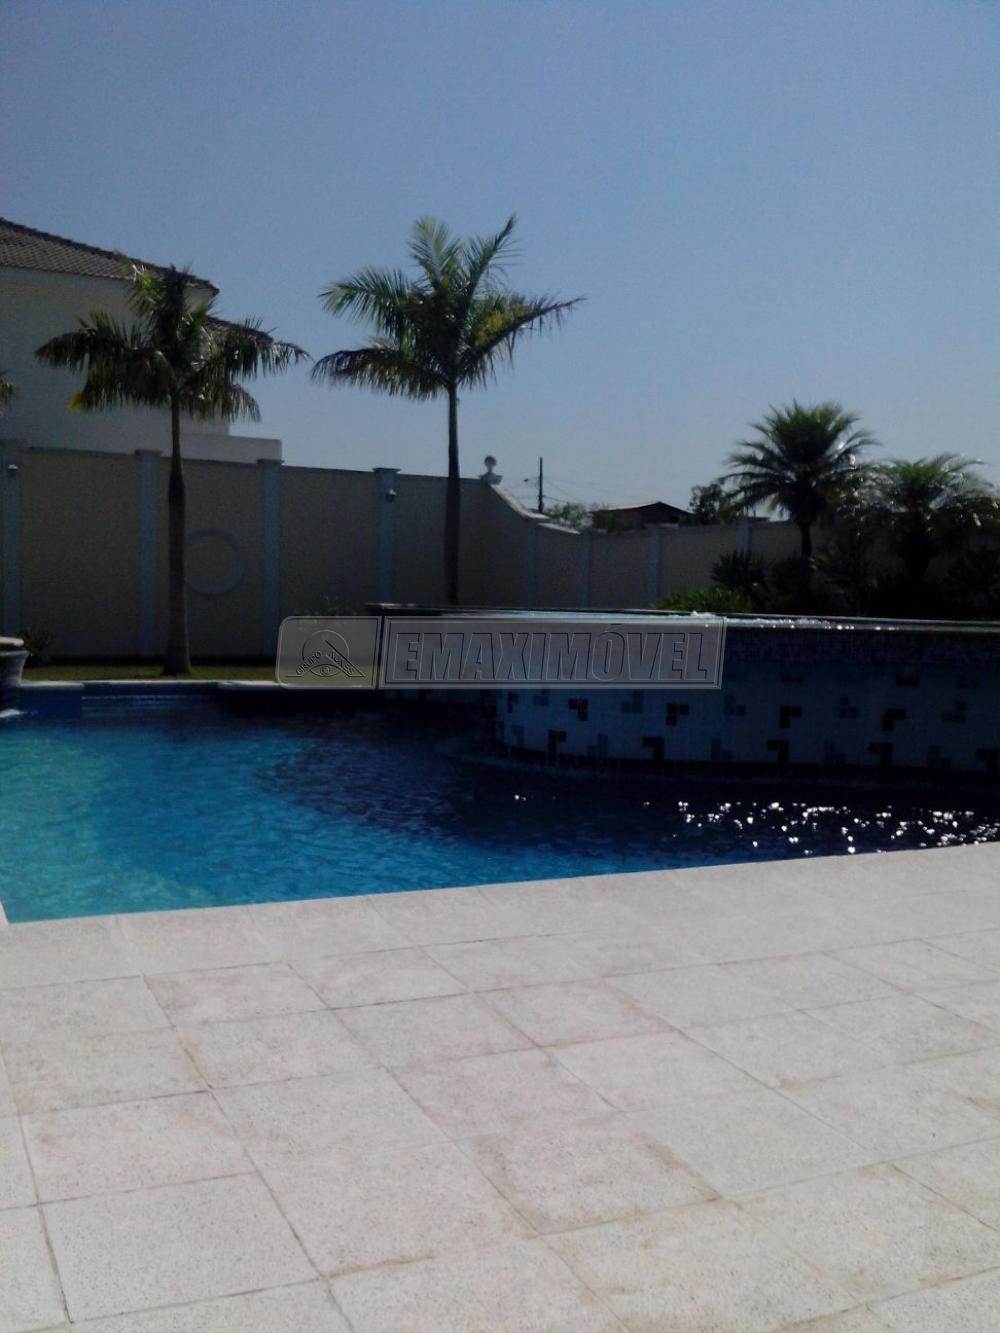 Comprar Casas / em Condomínios em Itu R$ 1.860.000,00 - Foto 28